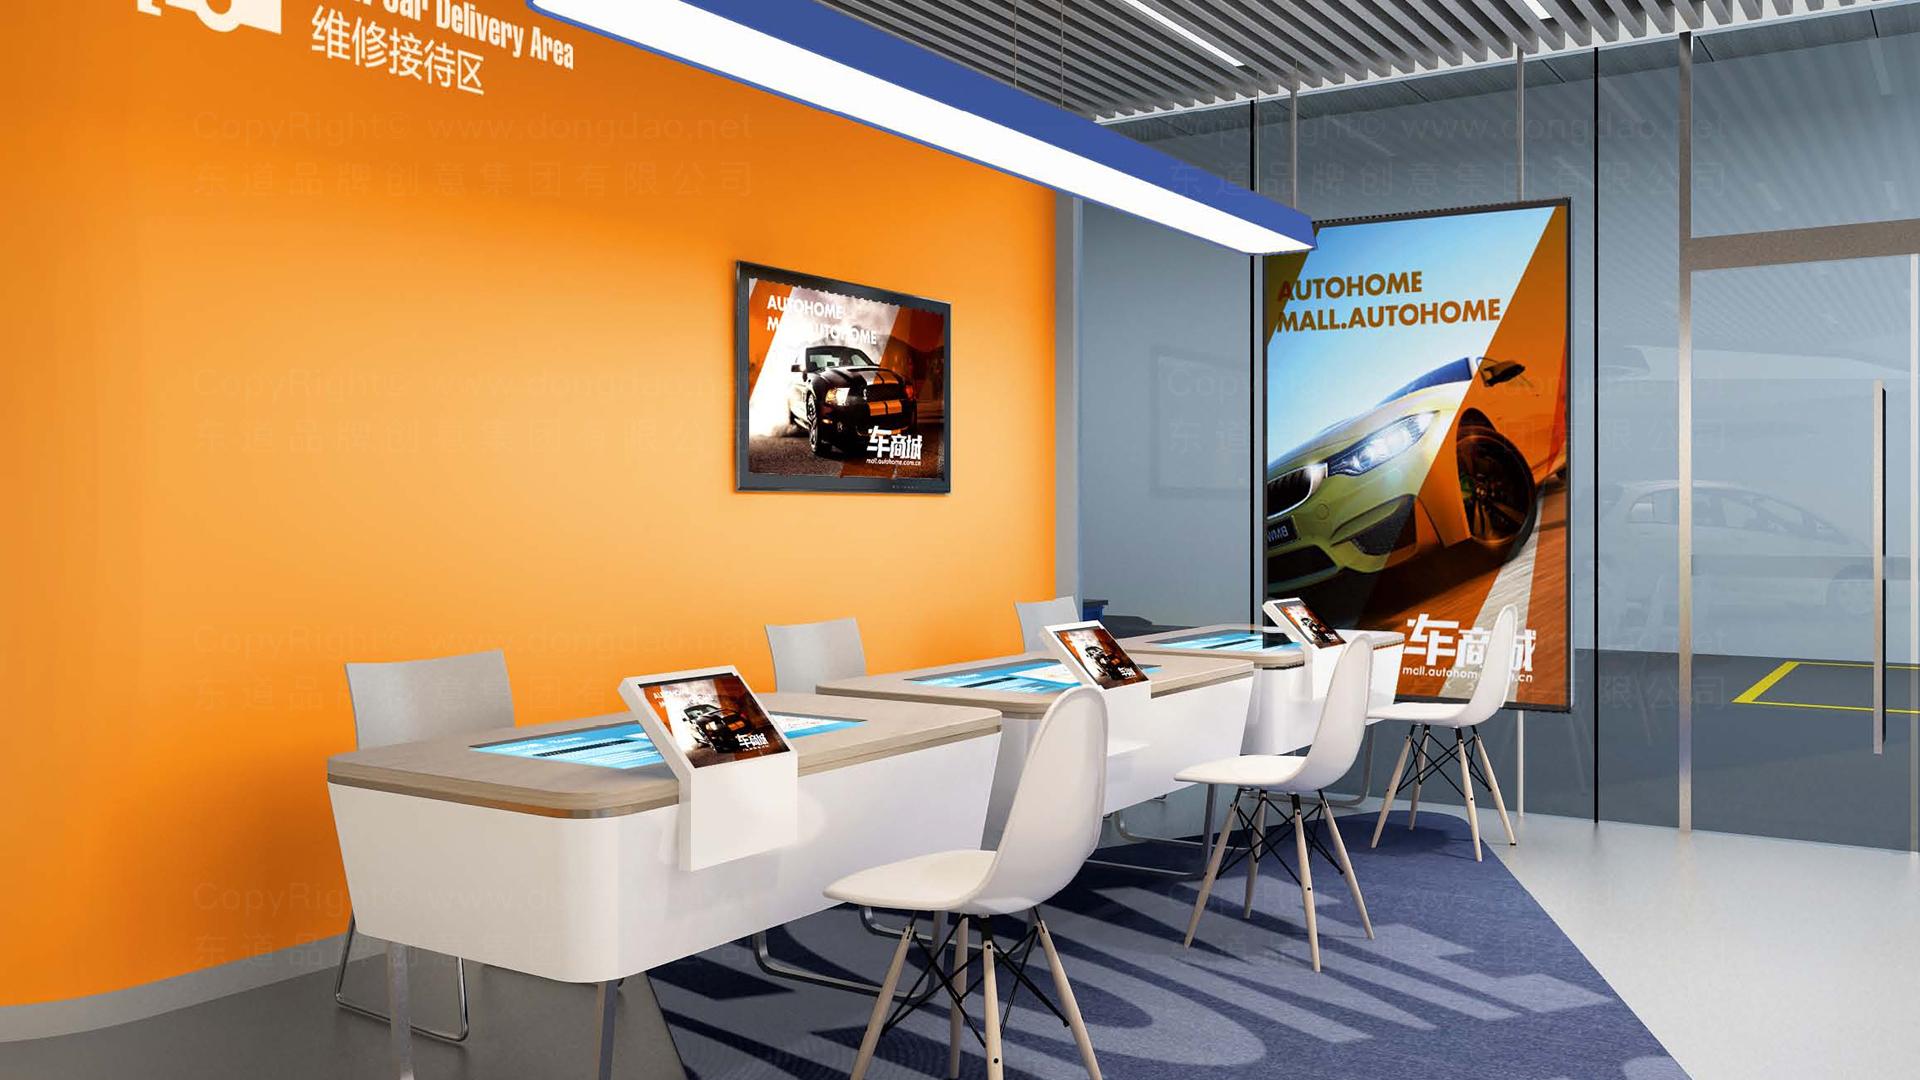 商业空间&导示汽车之家汽车之家 SI 设计应用场景_3